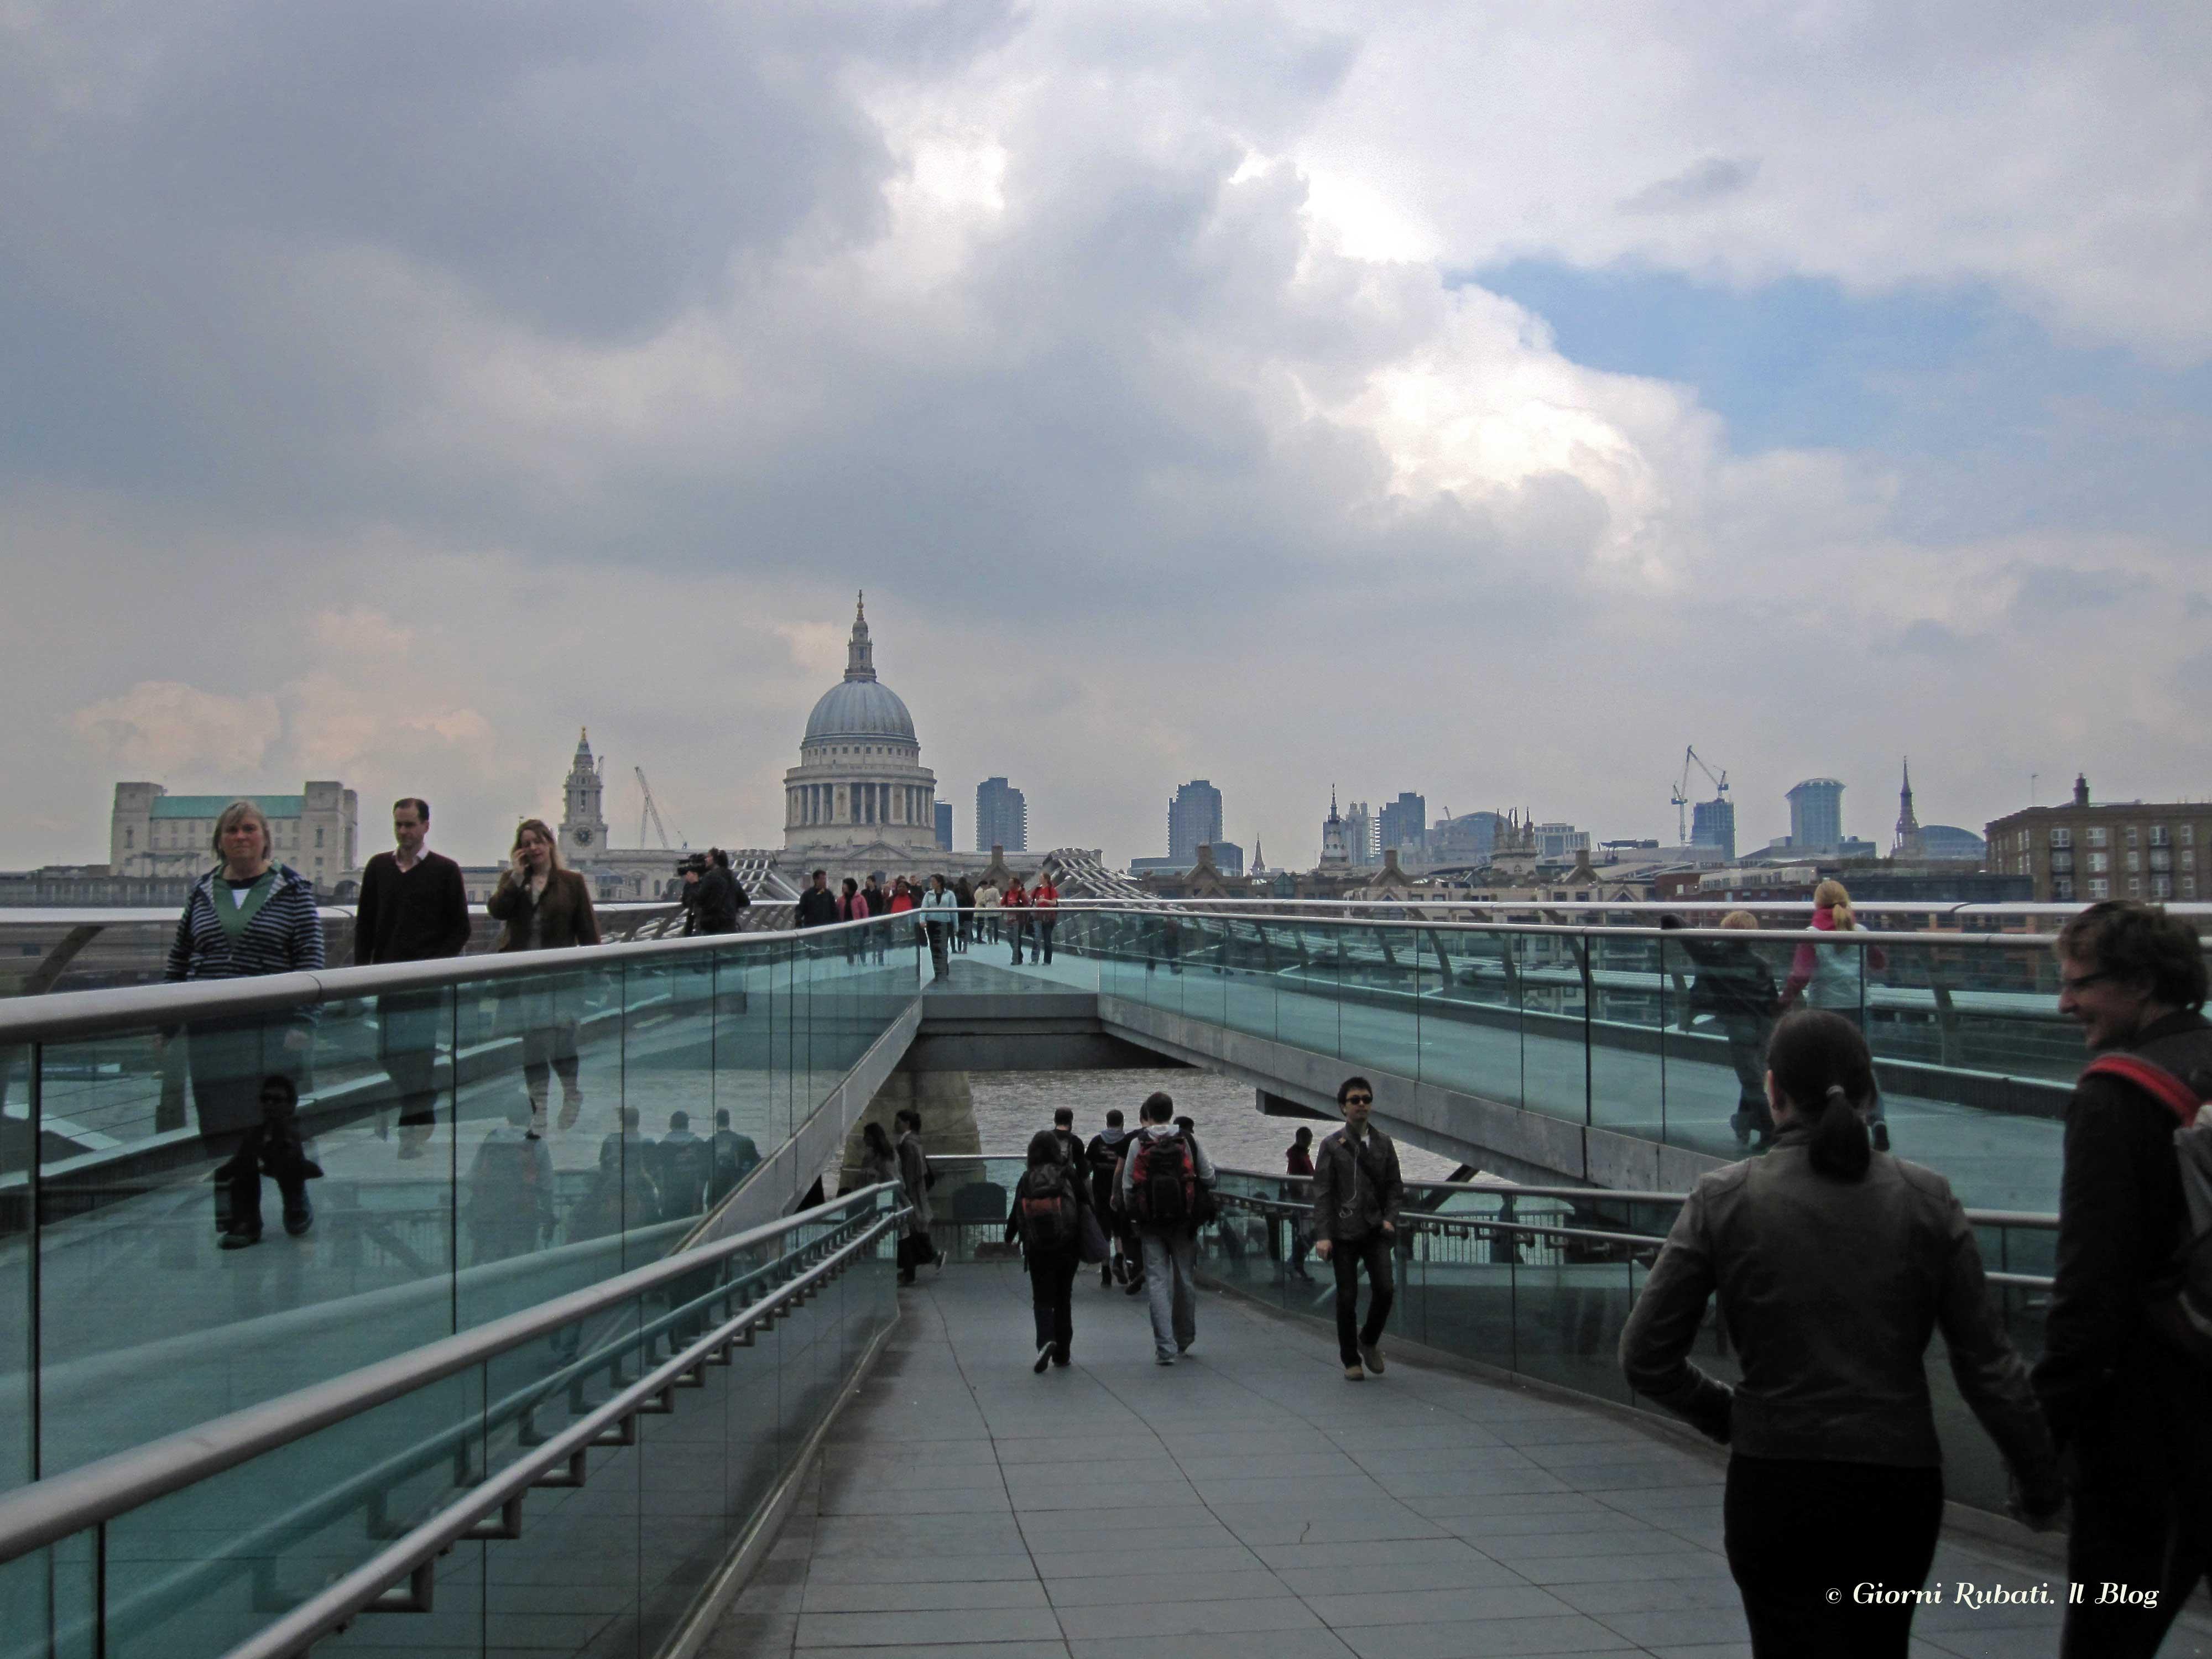 South Bank, Londra: una passeggiata sull'altra riva